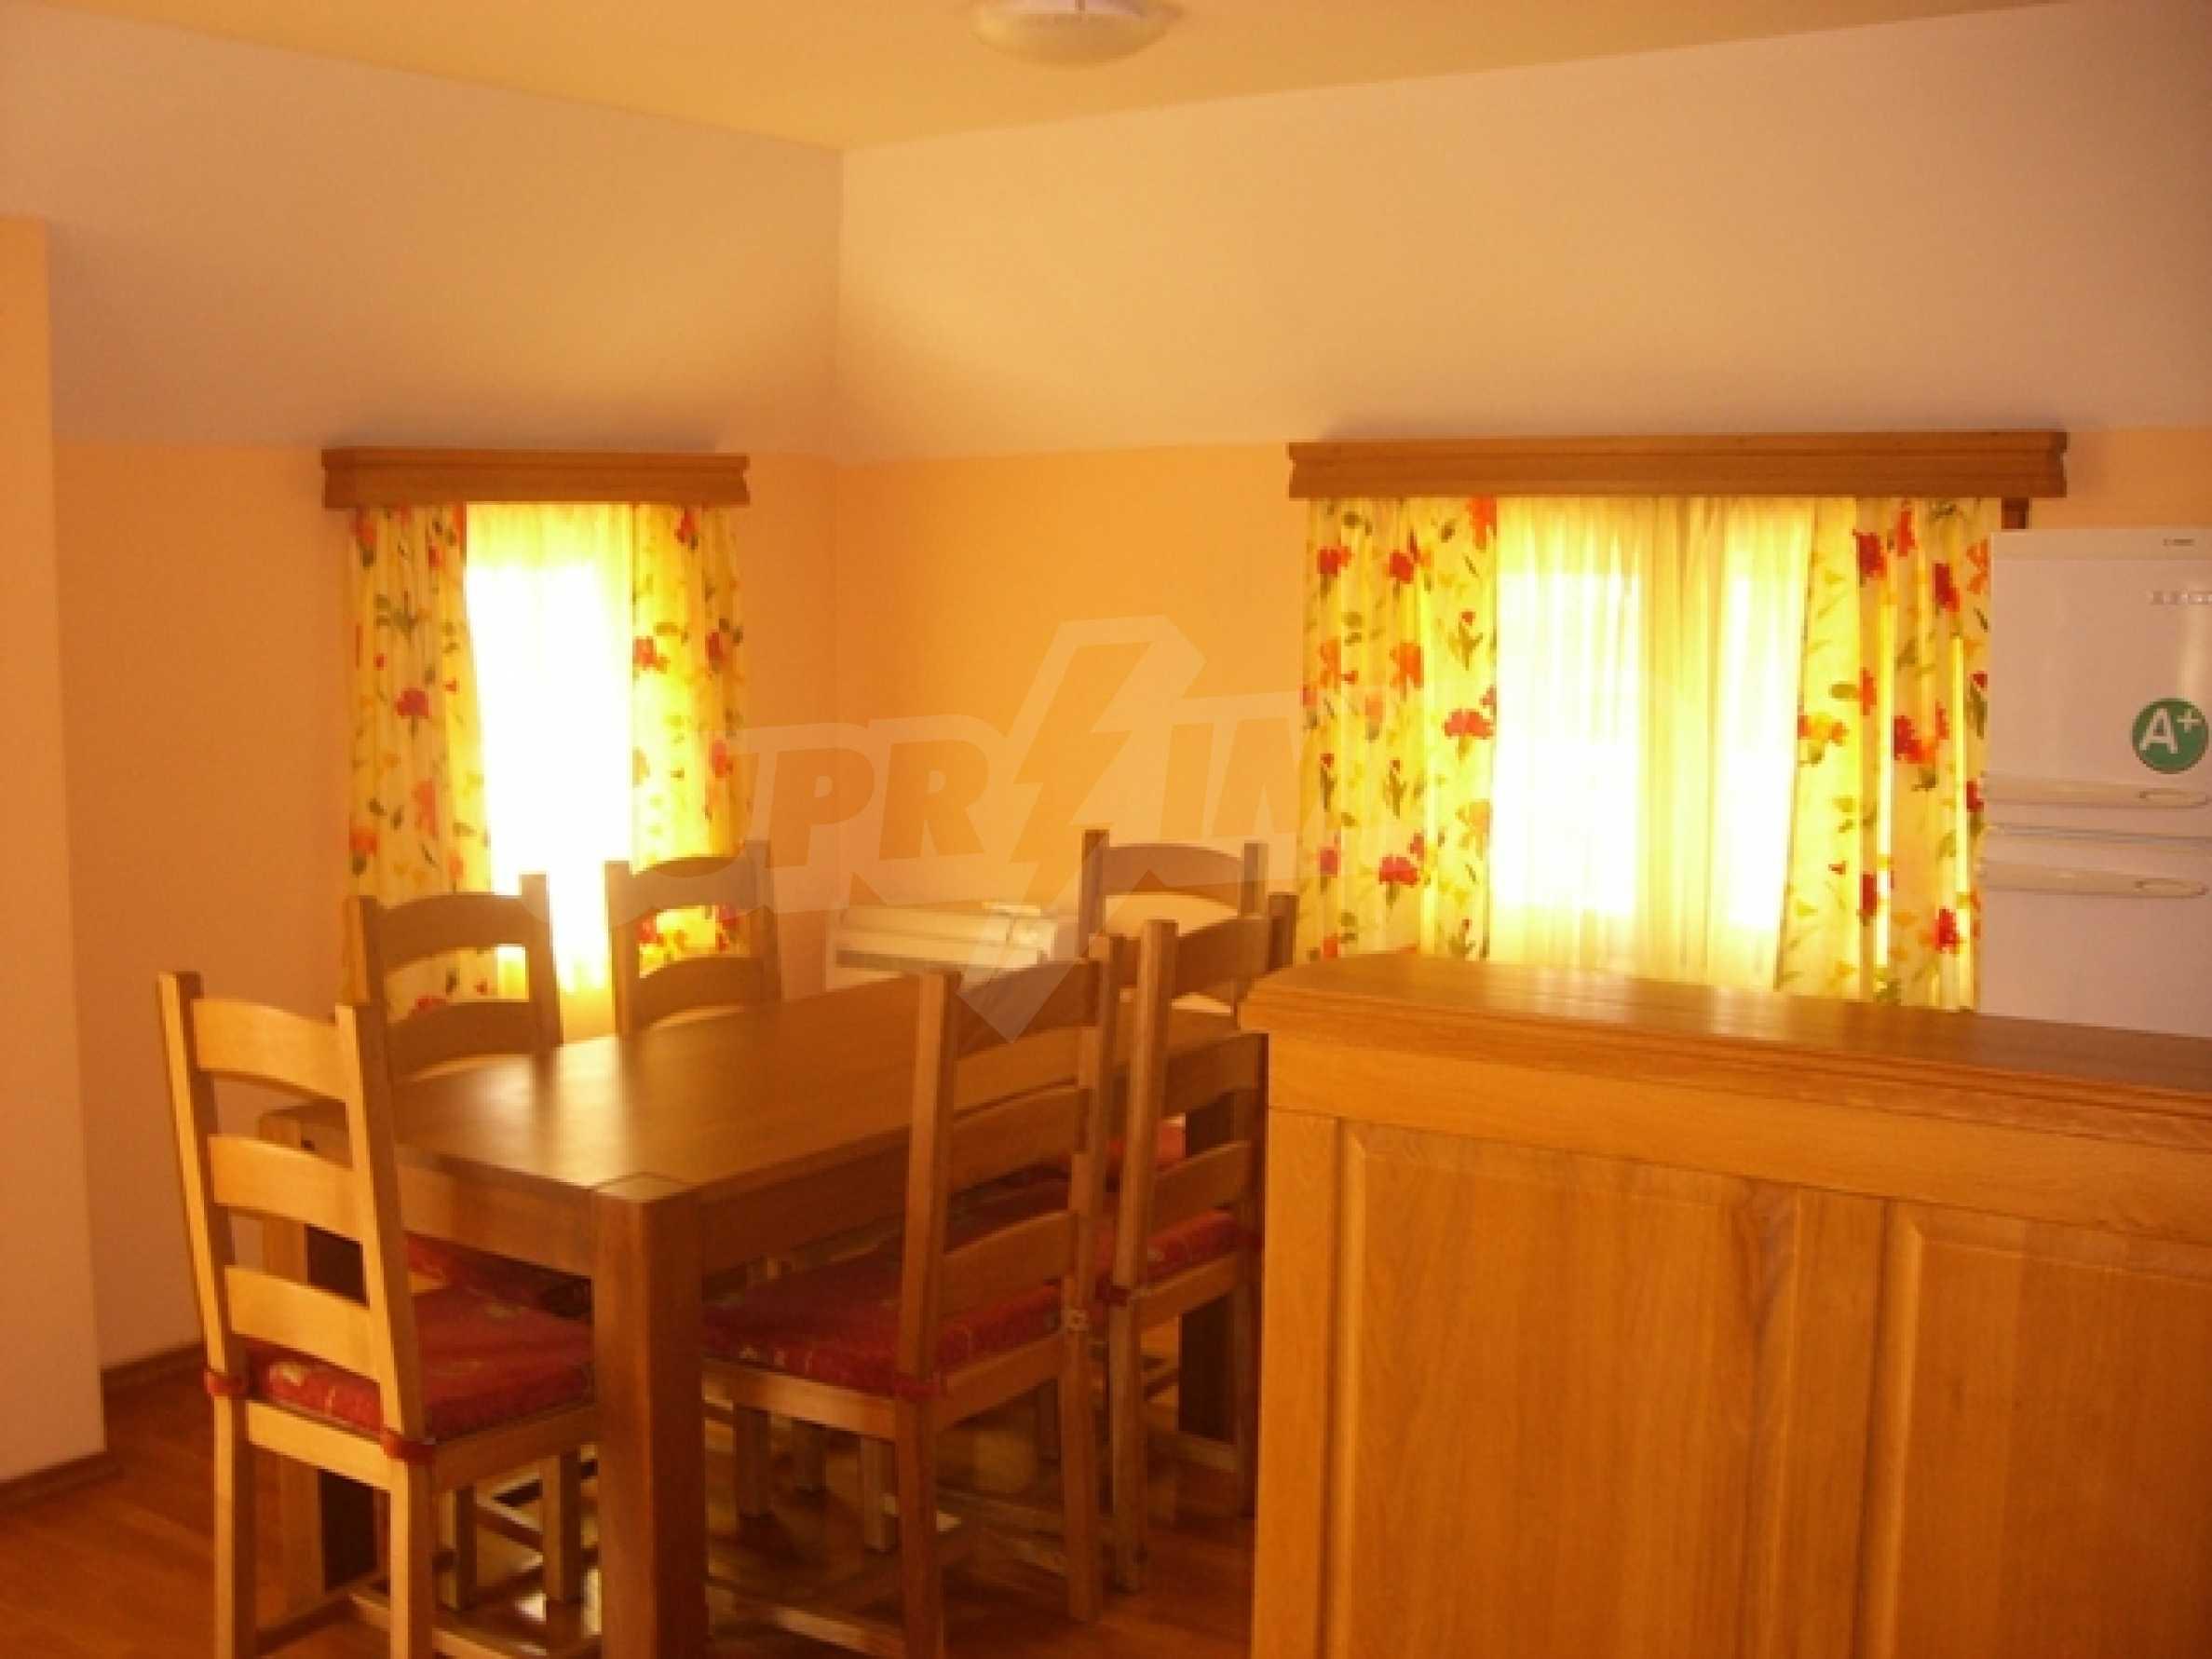 Residenz bulgarischen Traumhaus 39